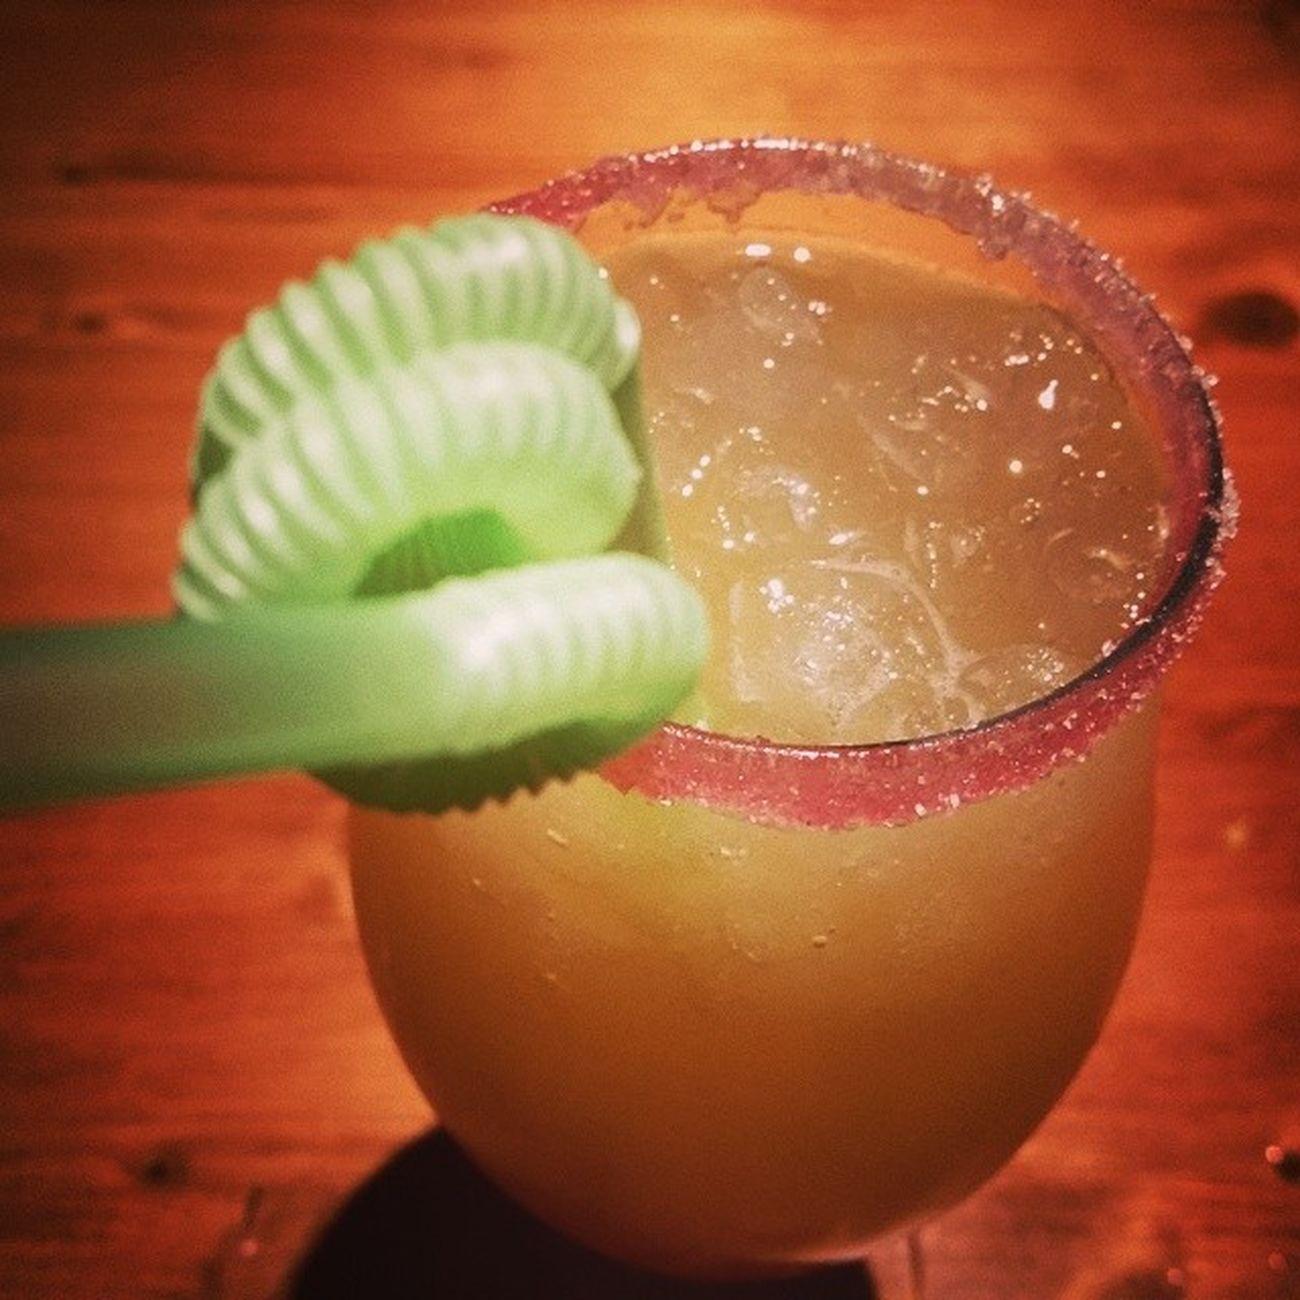 Night at Pipapub . Ja és el segon Sanfrancisco . Beguda de gayer, però sublim. Me la demanaria només pel sucre. @lordlimon @lordfargas Instagays